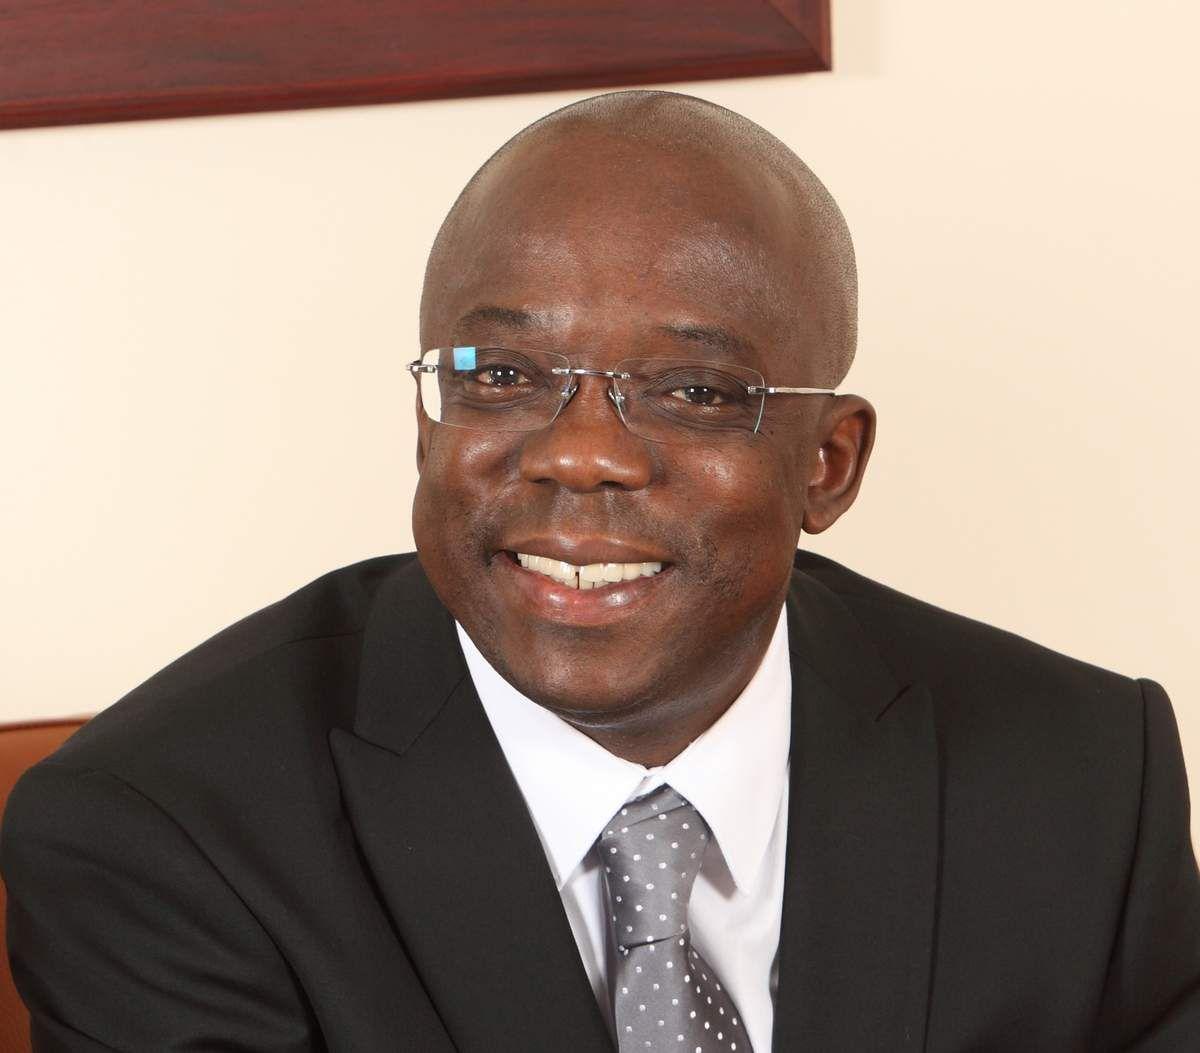 Marché Financier Régional de l'UEMOA : Le Fondateur de CGF Bourse, Gabriel FAL, est décédé